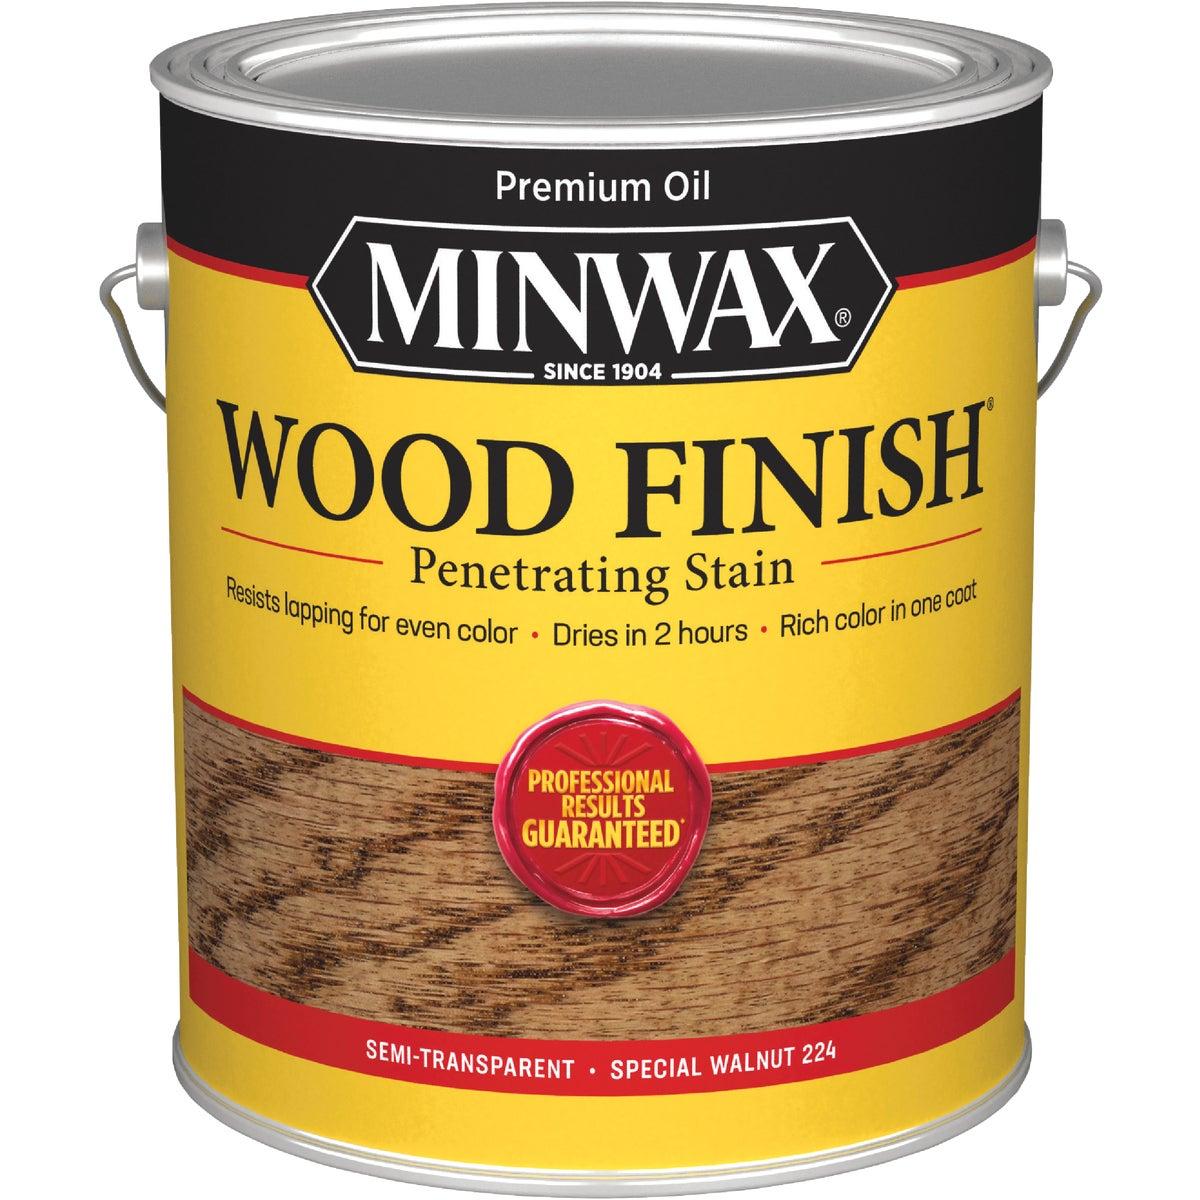 Minwax 71006000 Wood Finish, 1 gallon, Special Walnut